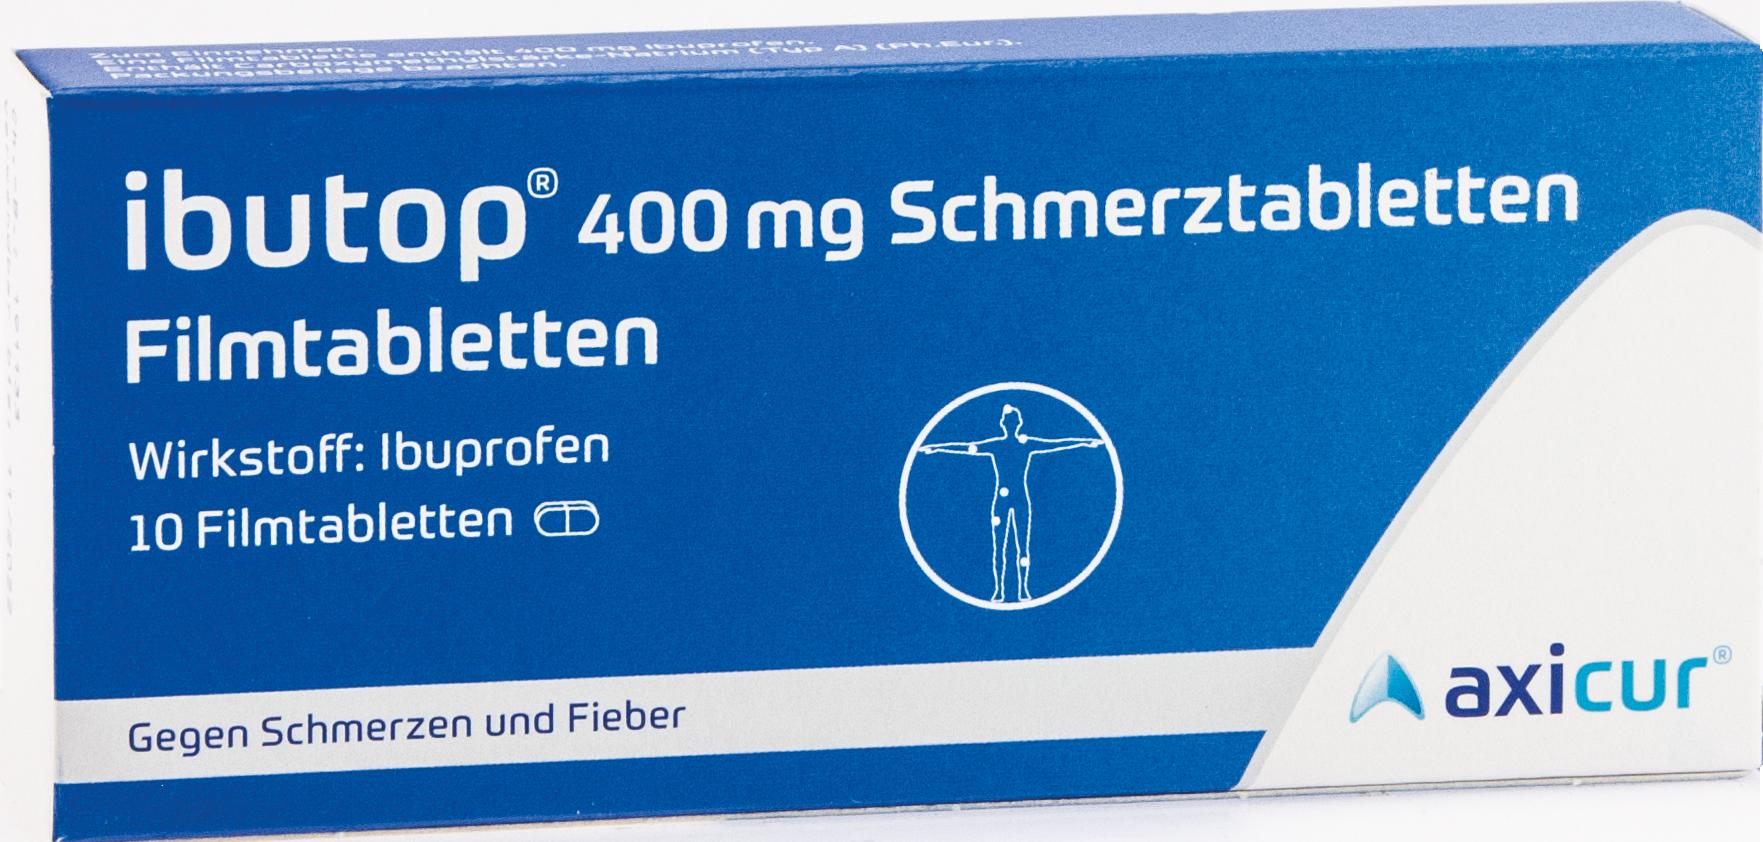 IBUTOP 400mg Schmerztabletten Filmtabletten